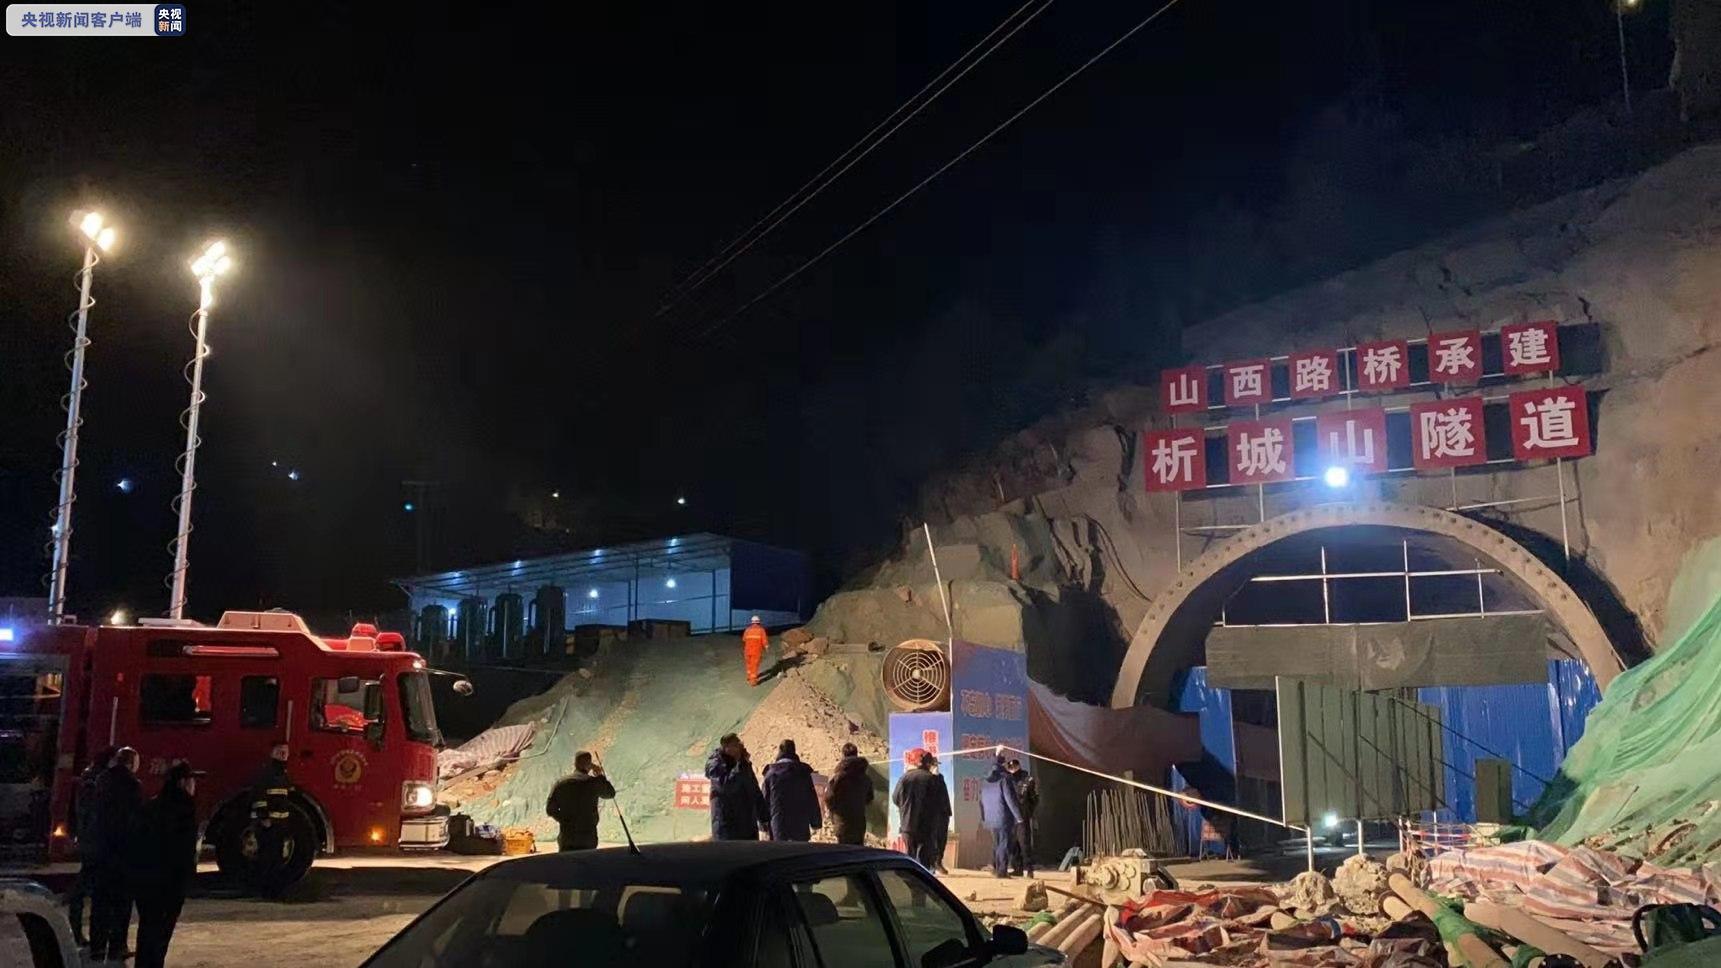 山西晋城一在建隧道发生塌方 致1人死亡5人被困